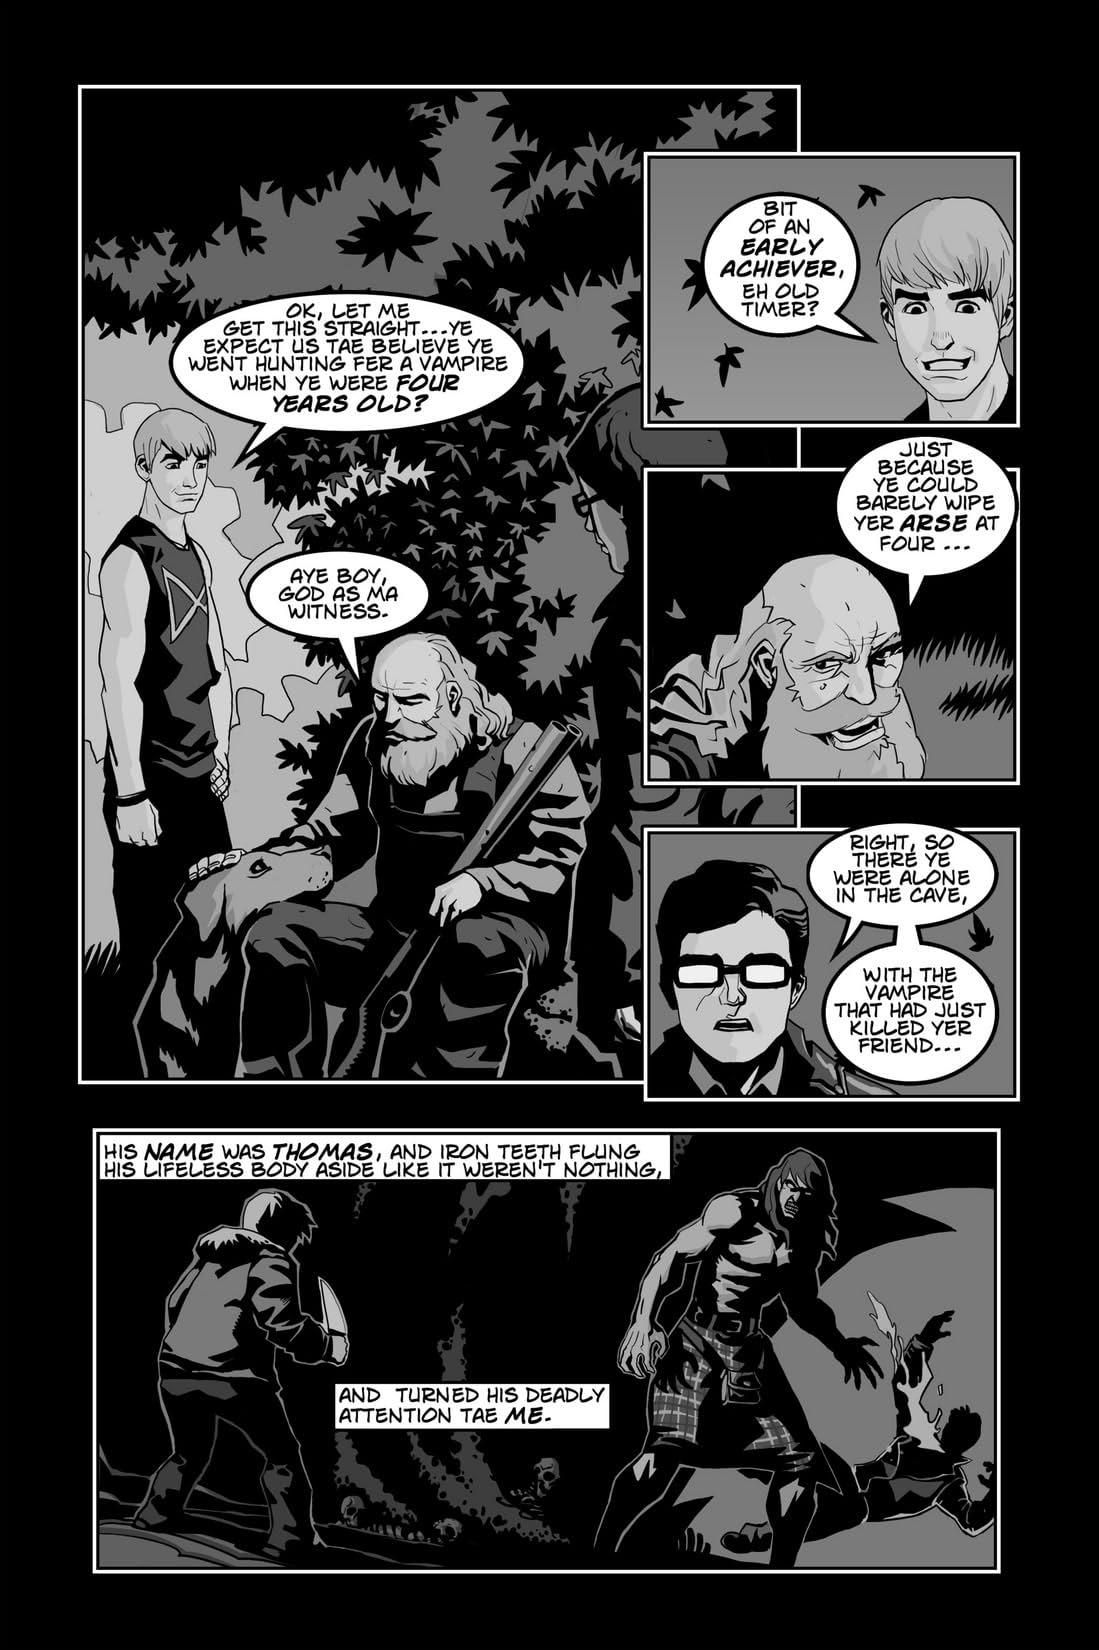 The Children's Vampire Hunting Brigade #2